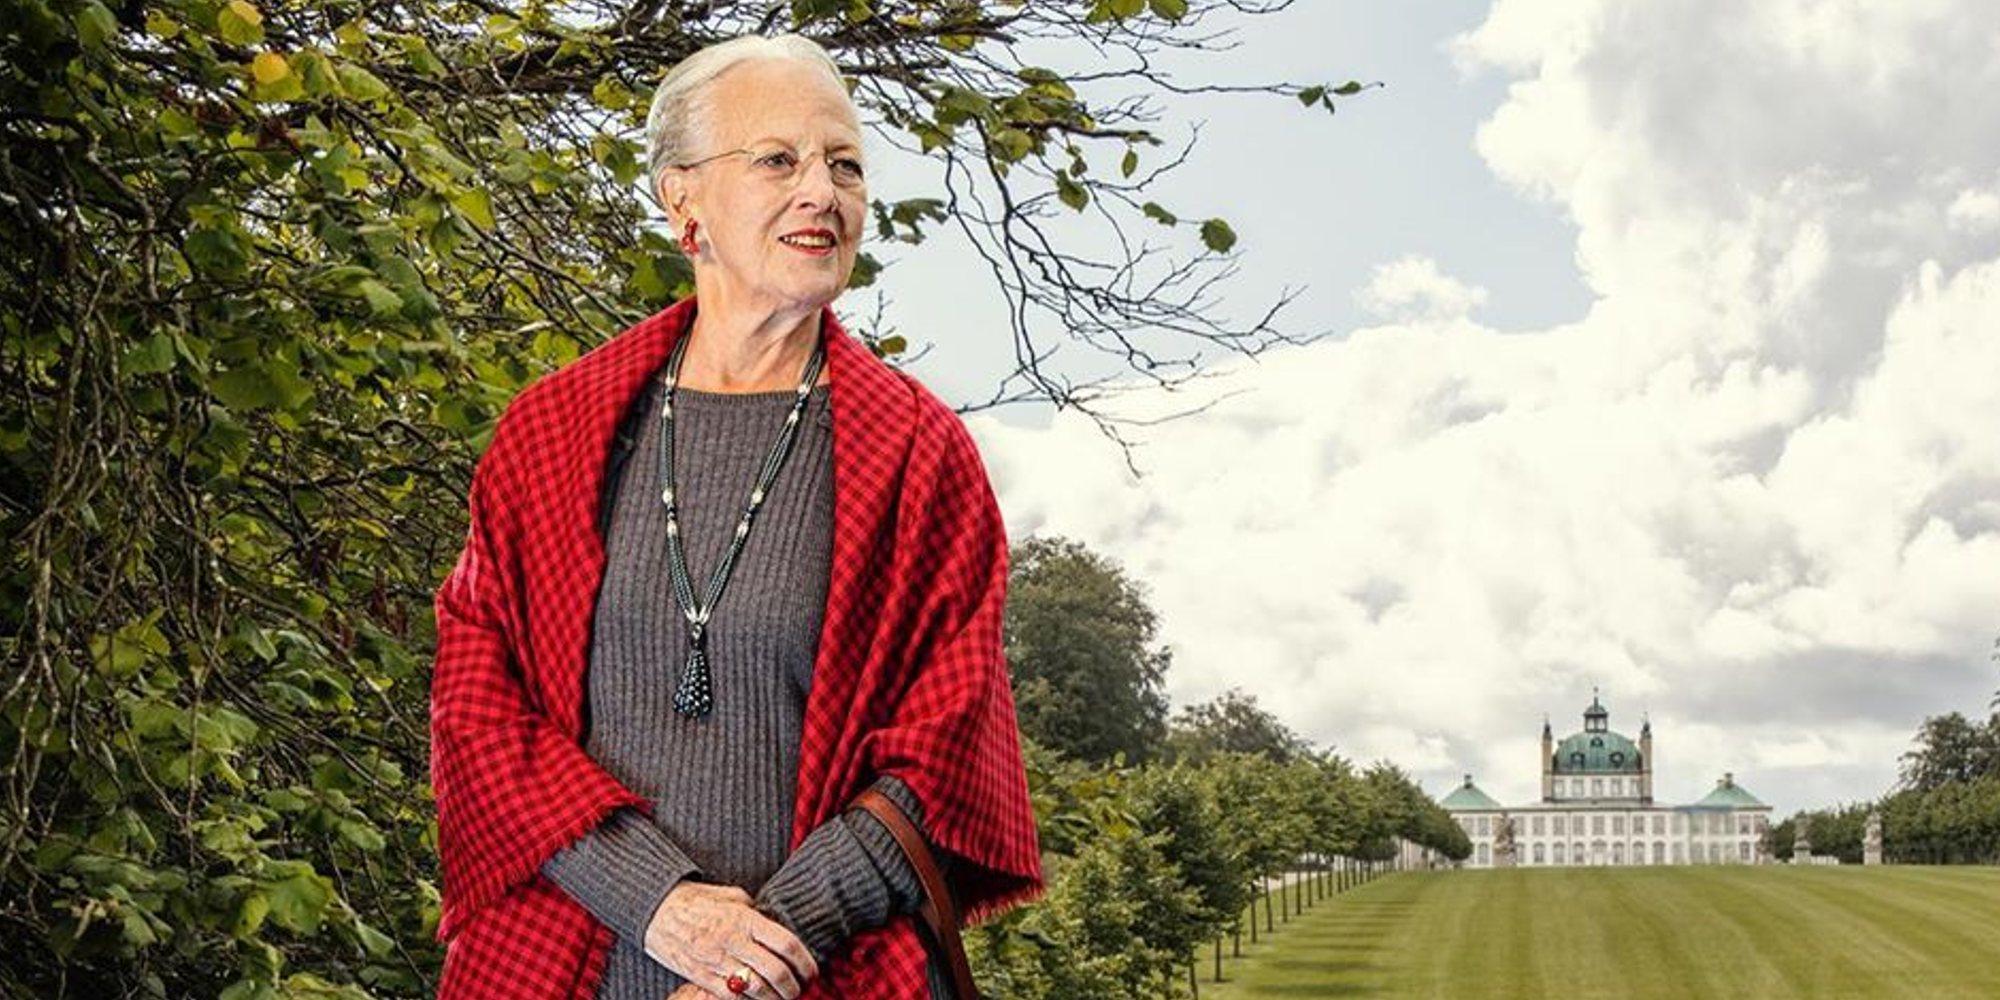 La gran felicitación royal para la Reina Margarita: Los Reyes Felipe y Letizia no faltan a la cita